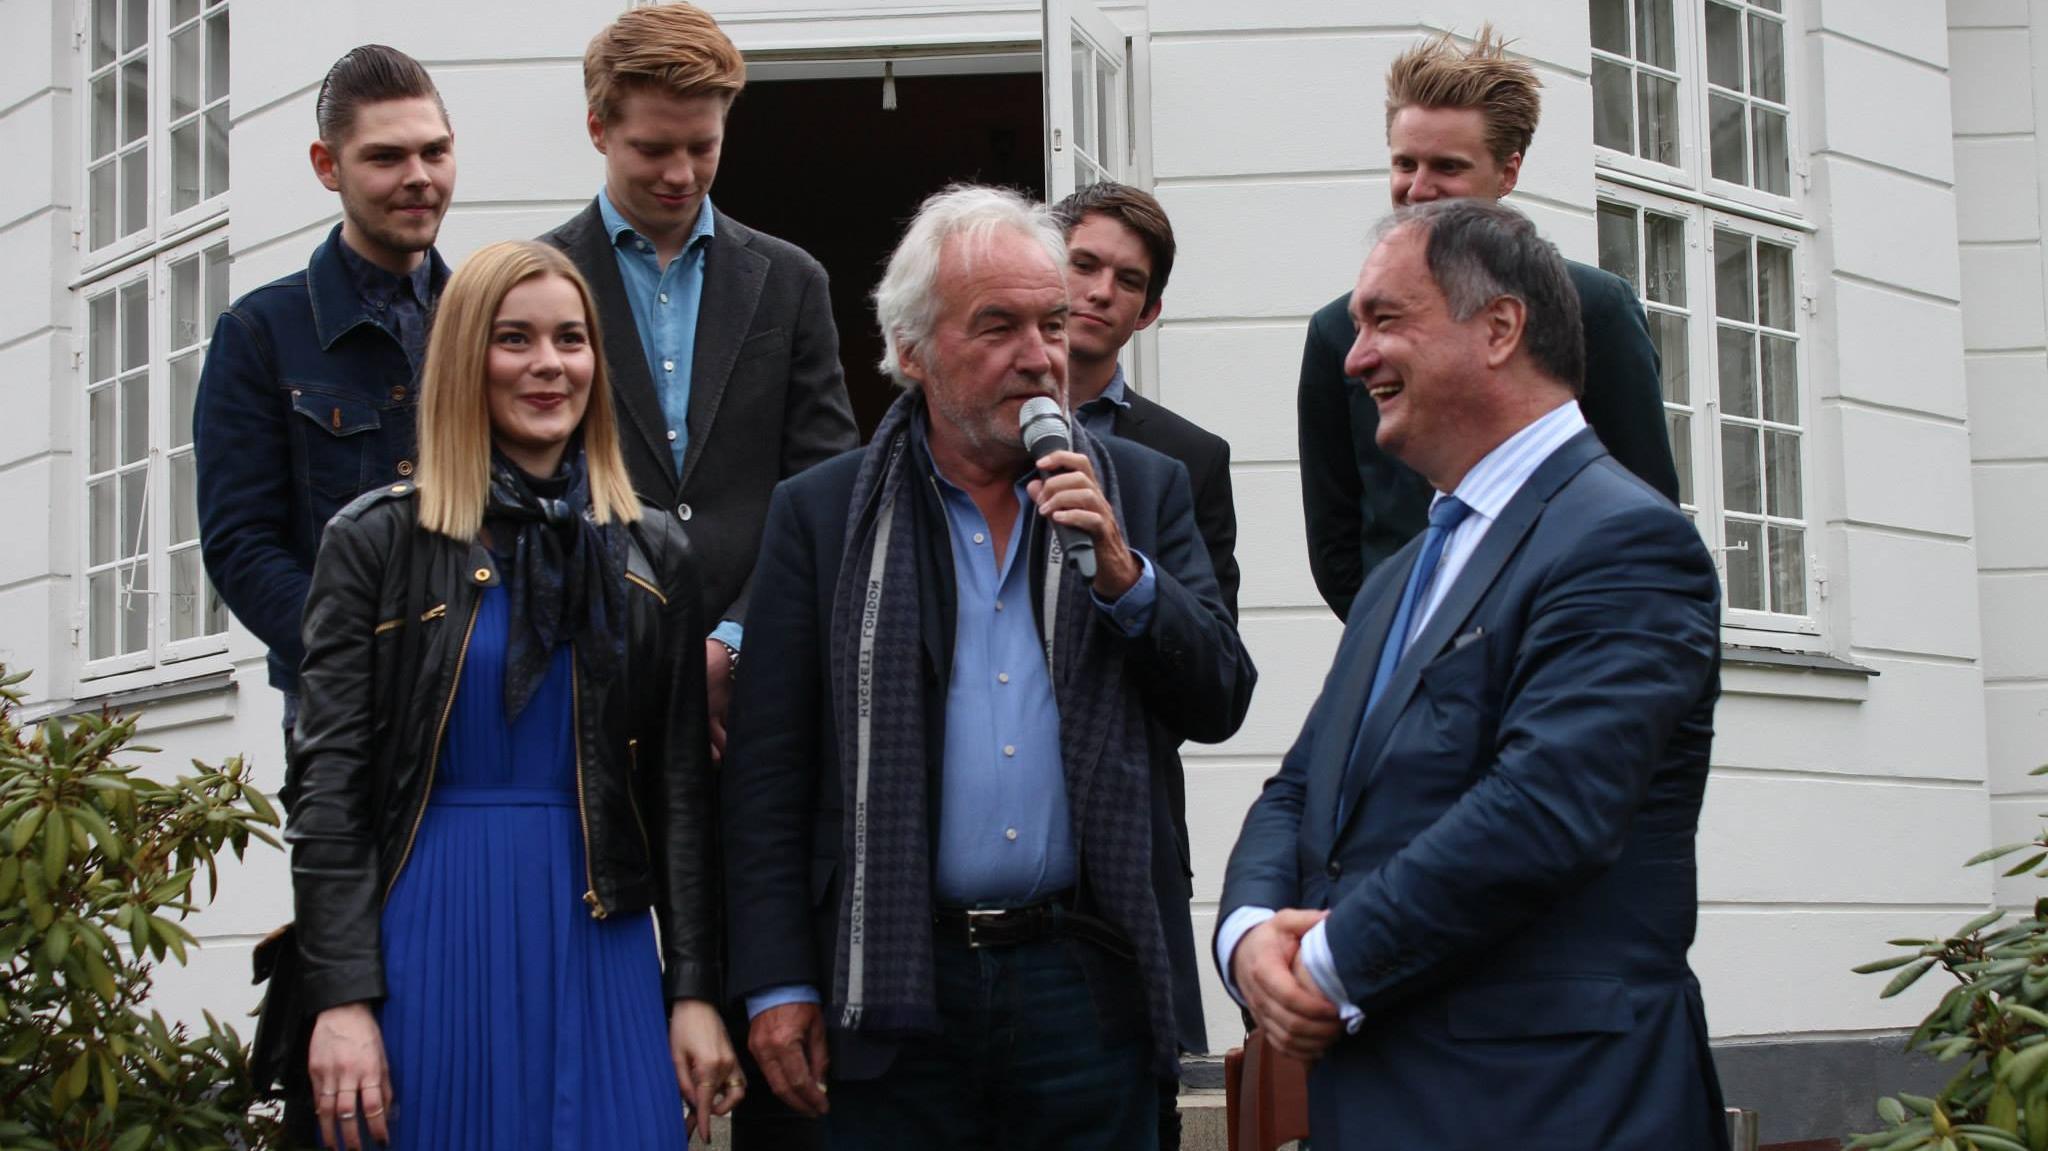 Anti Social Media Emmelie Olsen Danmark Eurovision 2015